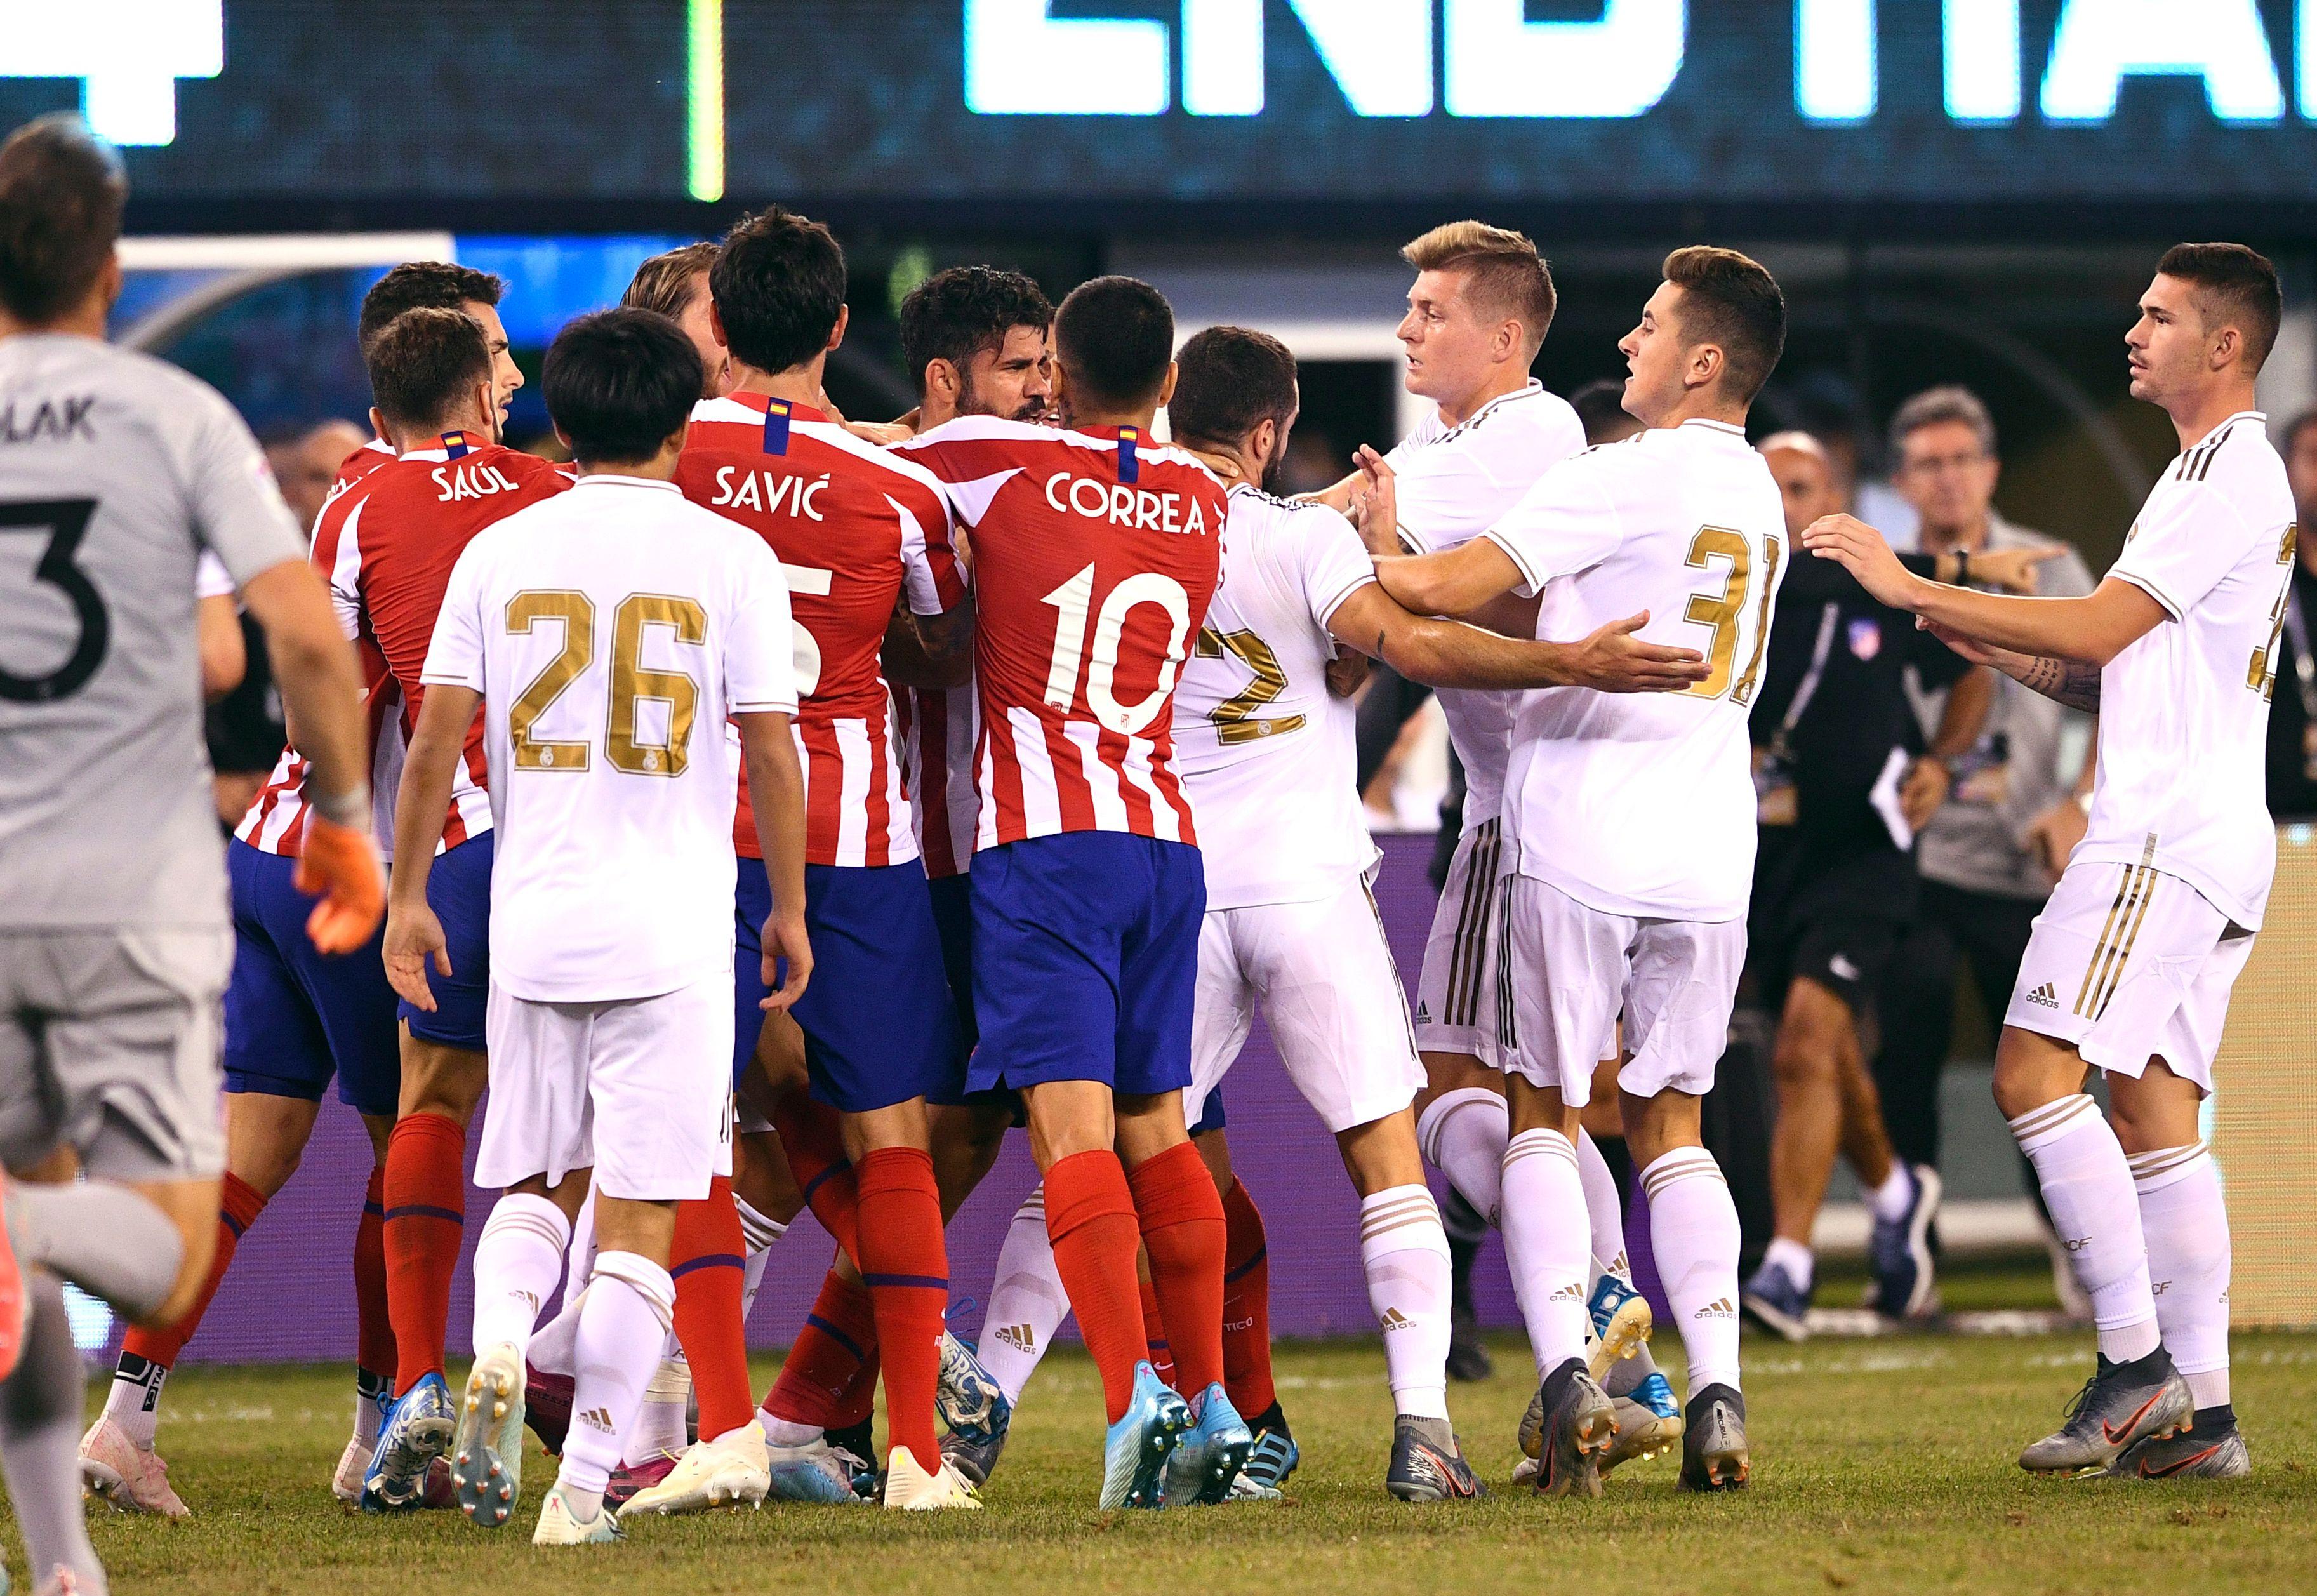 Football - Etranger - 7-3, l'Atletico Madrid colle une raclée au Real de Zidane